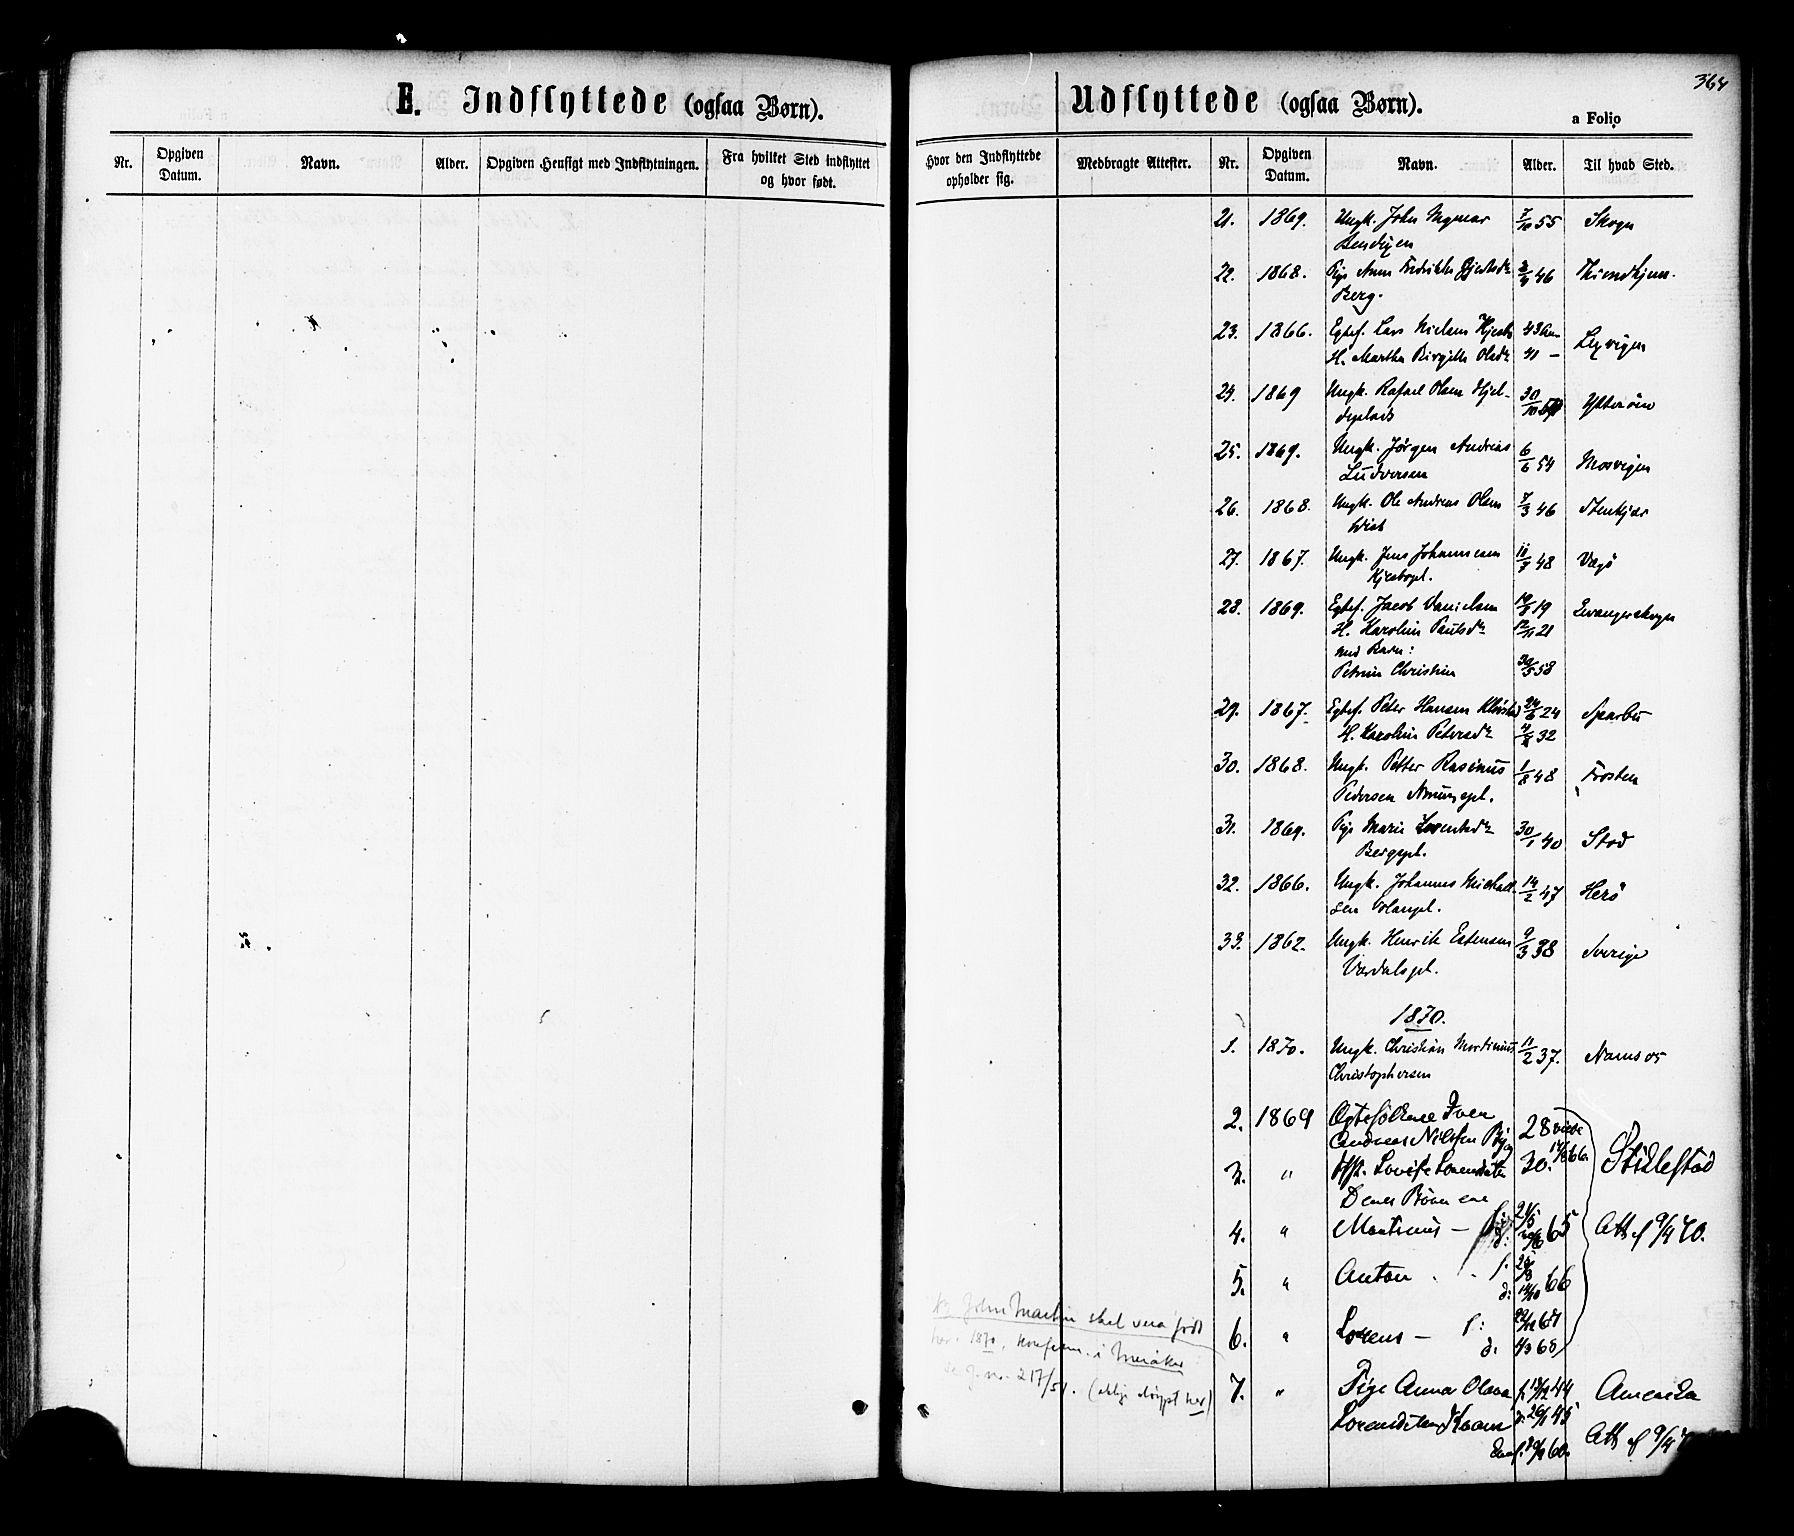 SAT, Ministerialprotokoller, klokkerbøker og fødselsregistre - Nord-Trøndelag, 730/L0284: Ministerialbok nr. 730A09, 1866-1878, s. 364